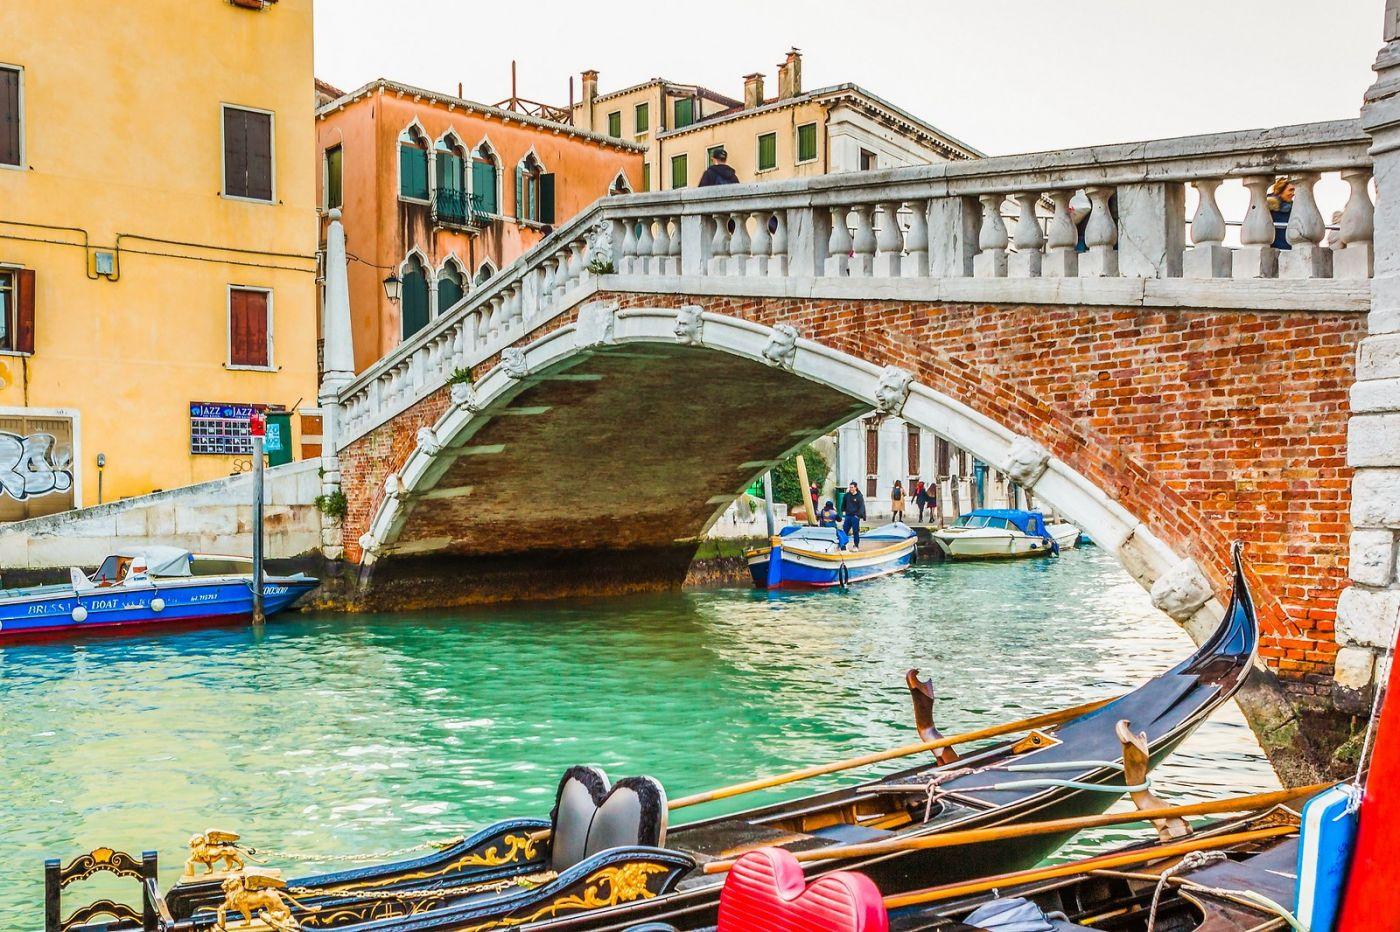 意大利威尼斯,桥的艺术_图1-15